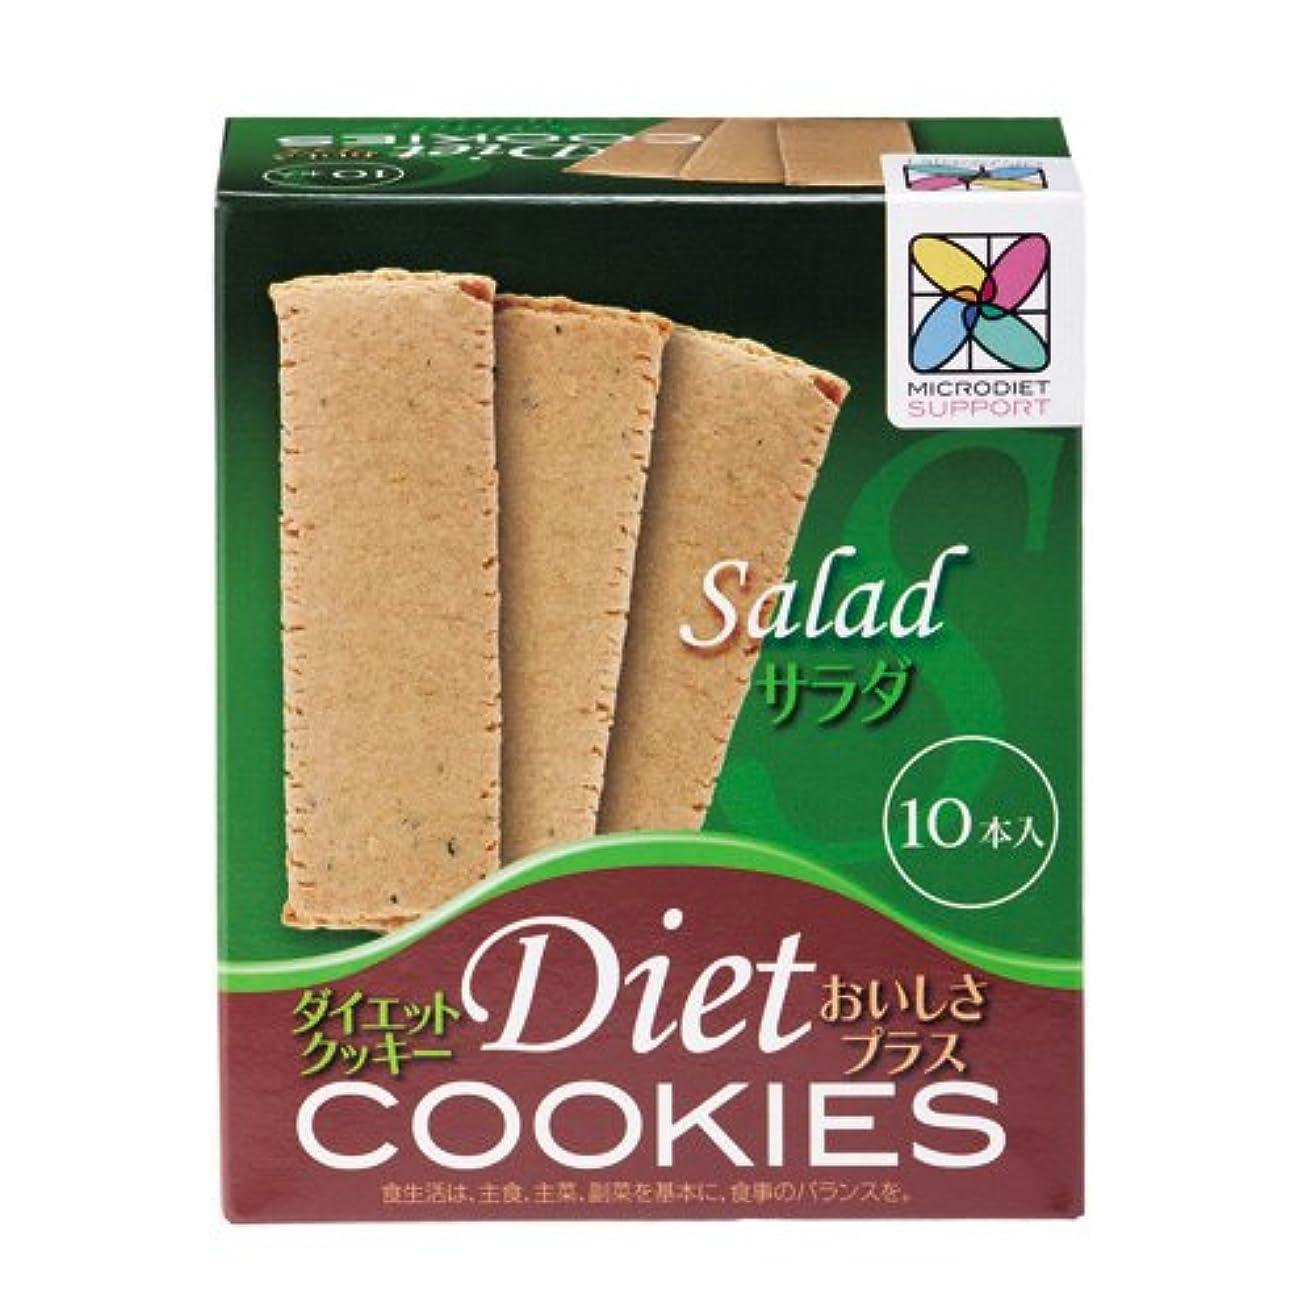 エレガント作者最後のダイエットクッキーおいしさプラス(サラダ:1箱)(03755)